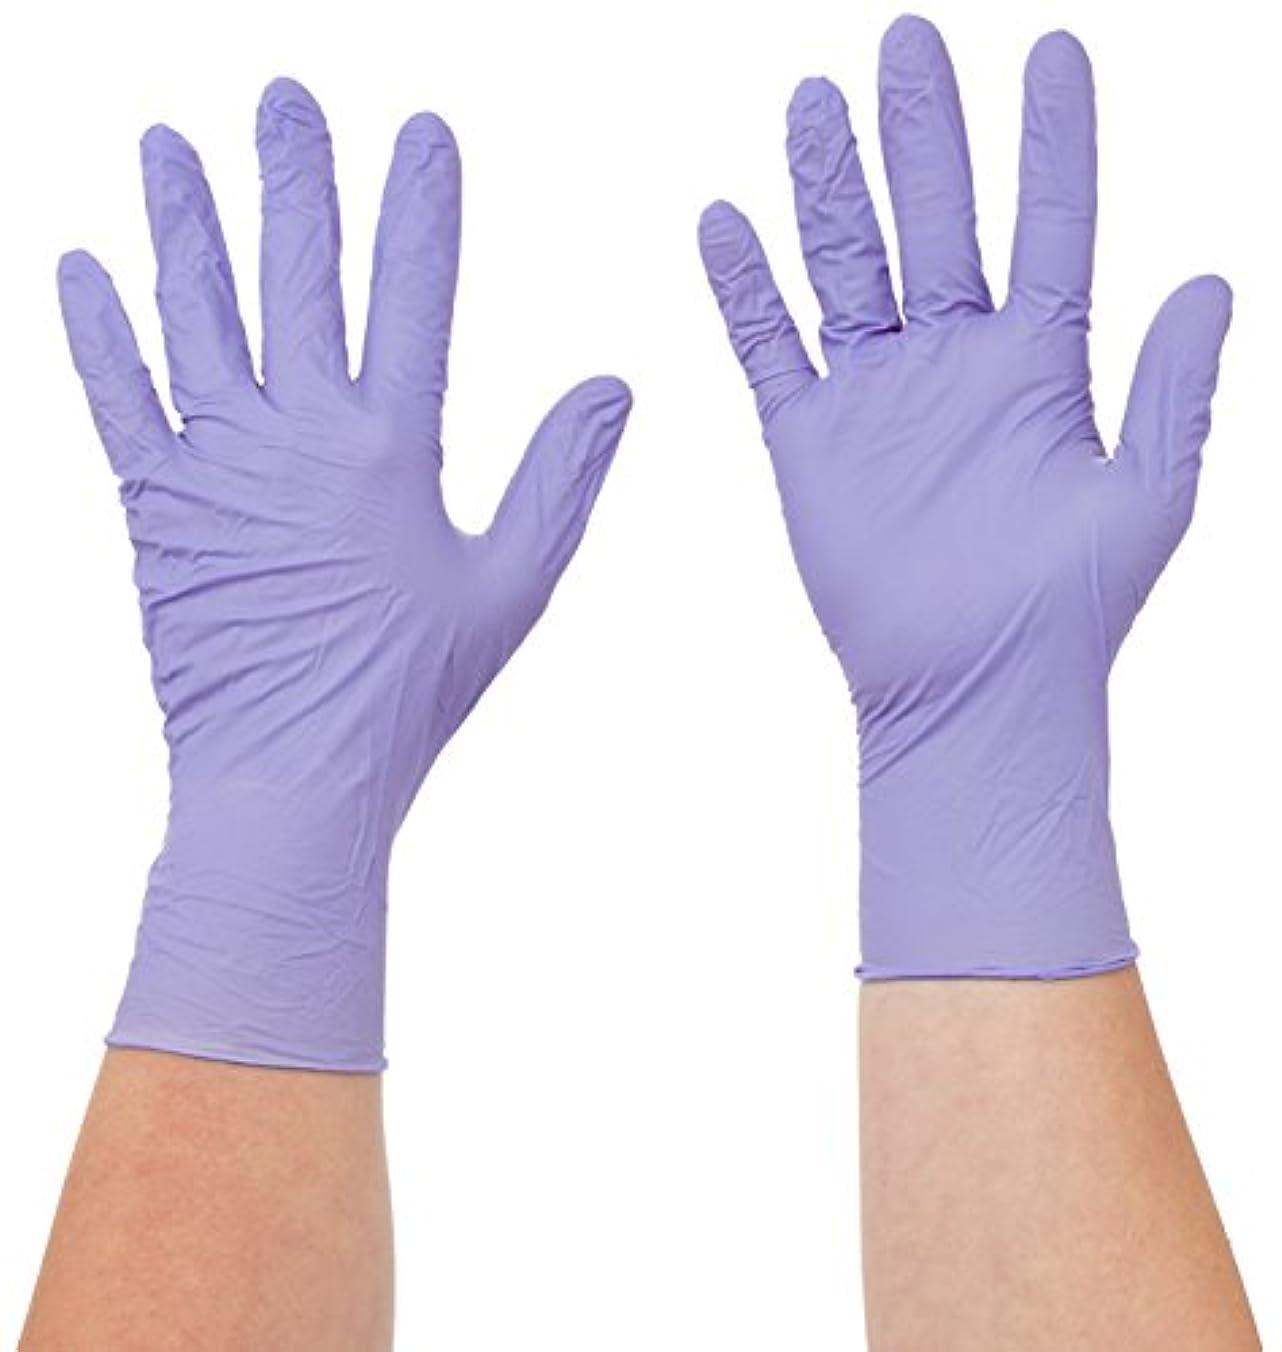 しわだます噴水Semperit 使い捨てニトリル手袋 Xtra Lite 0.14mm 粉無(入数:180枚) 3000001621